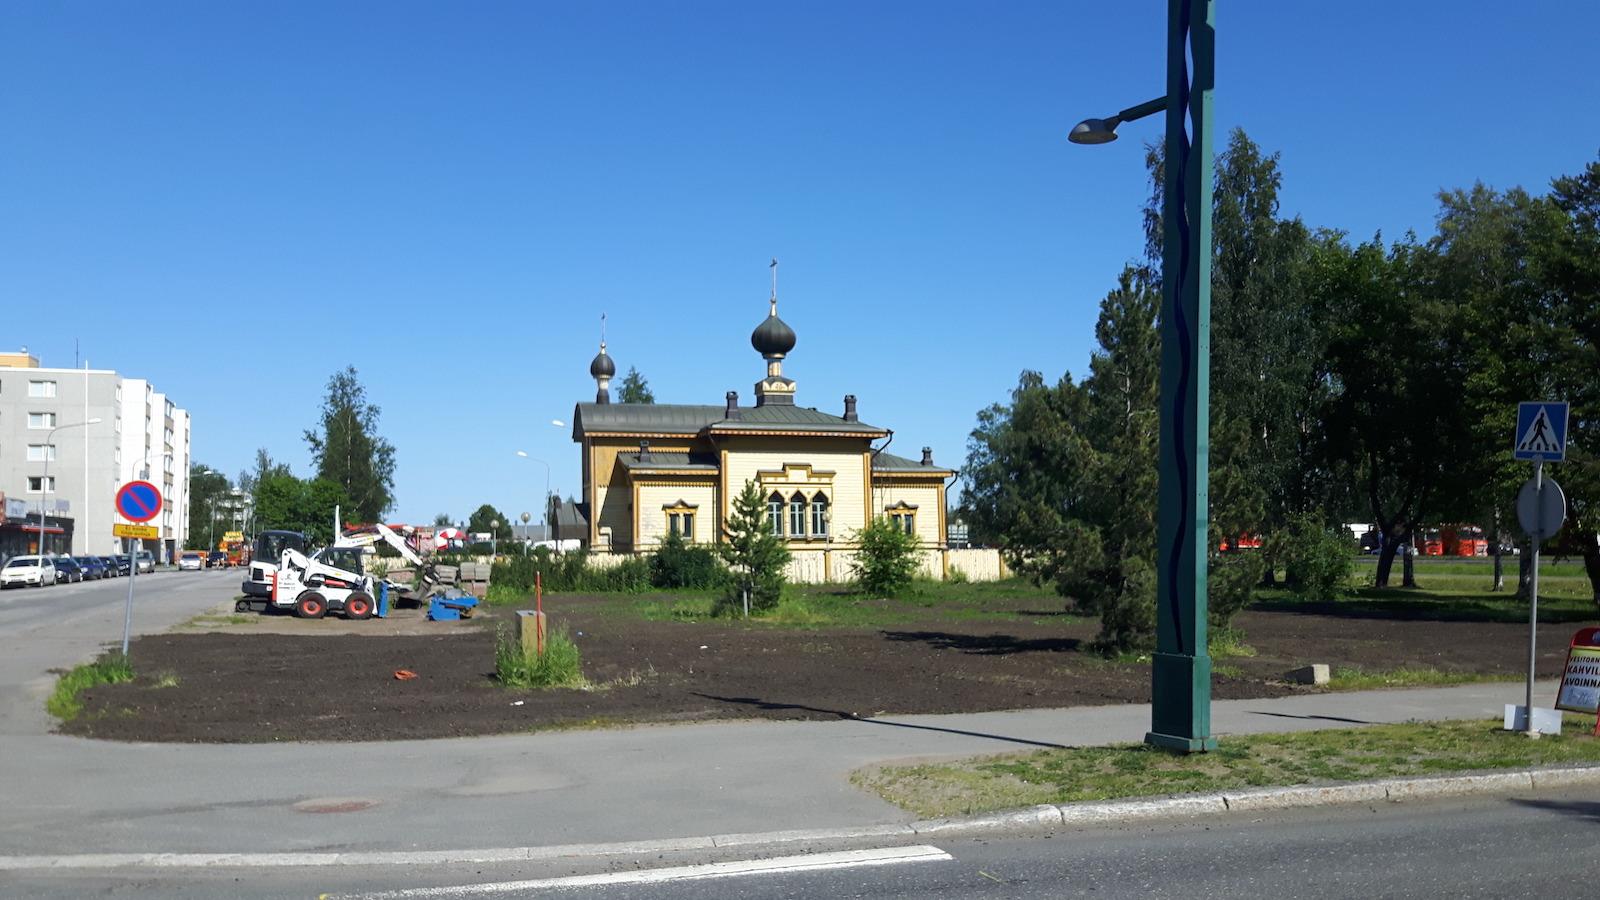 Russian Church in Tornio Finland